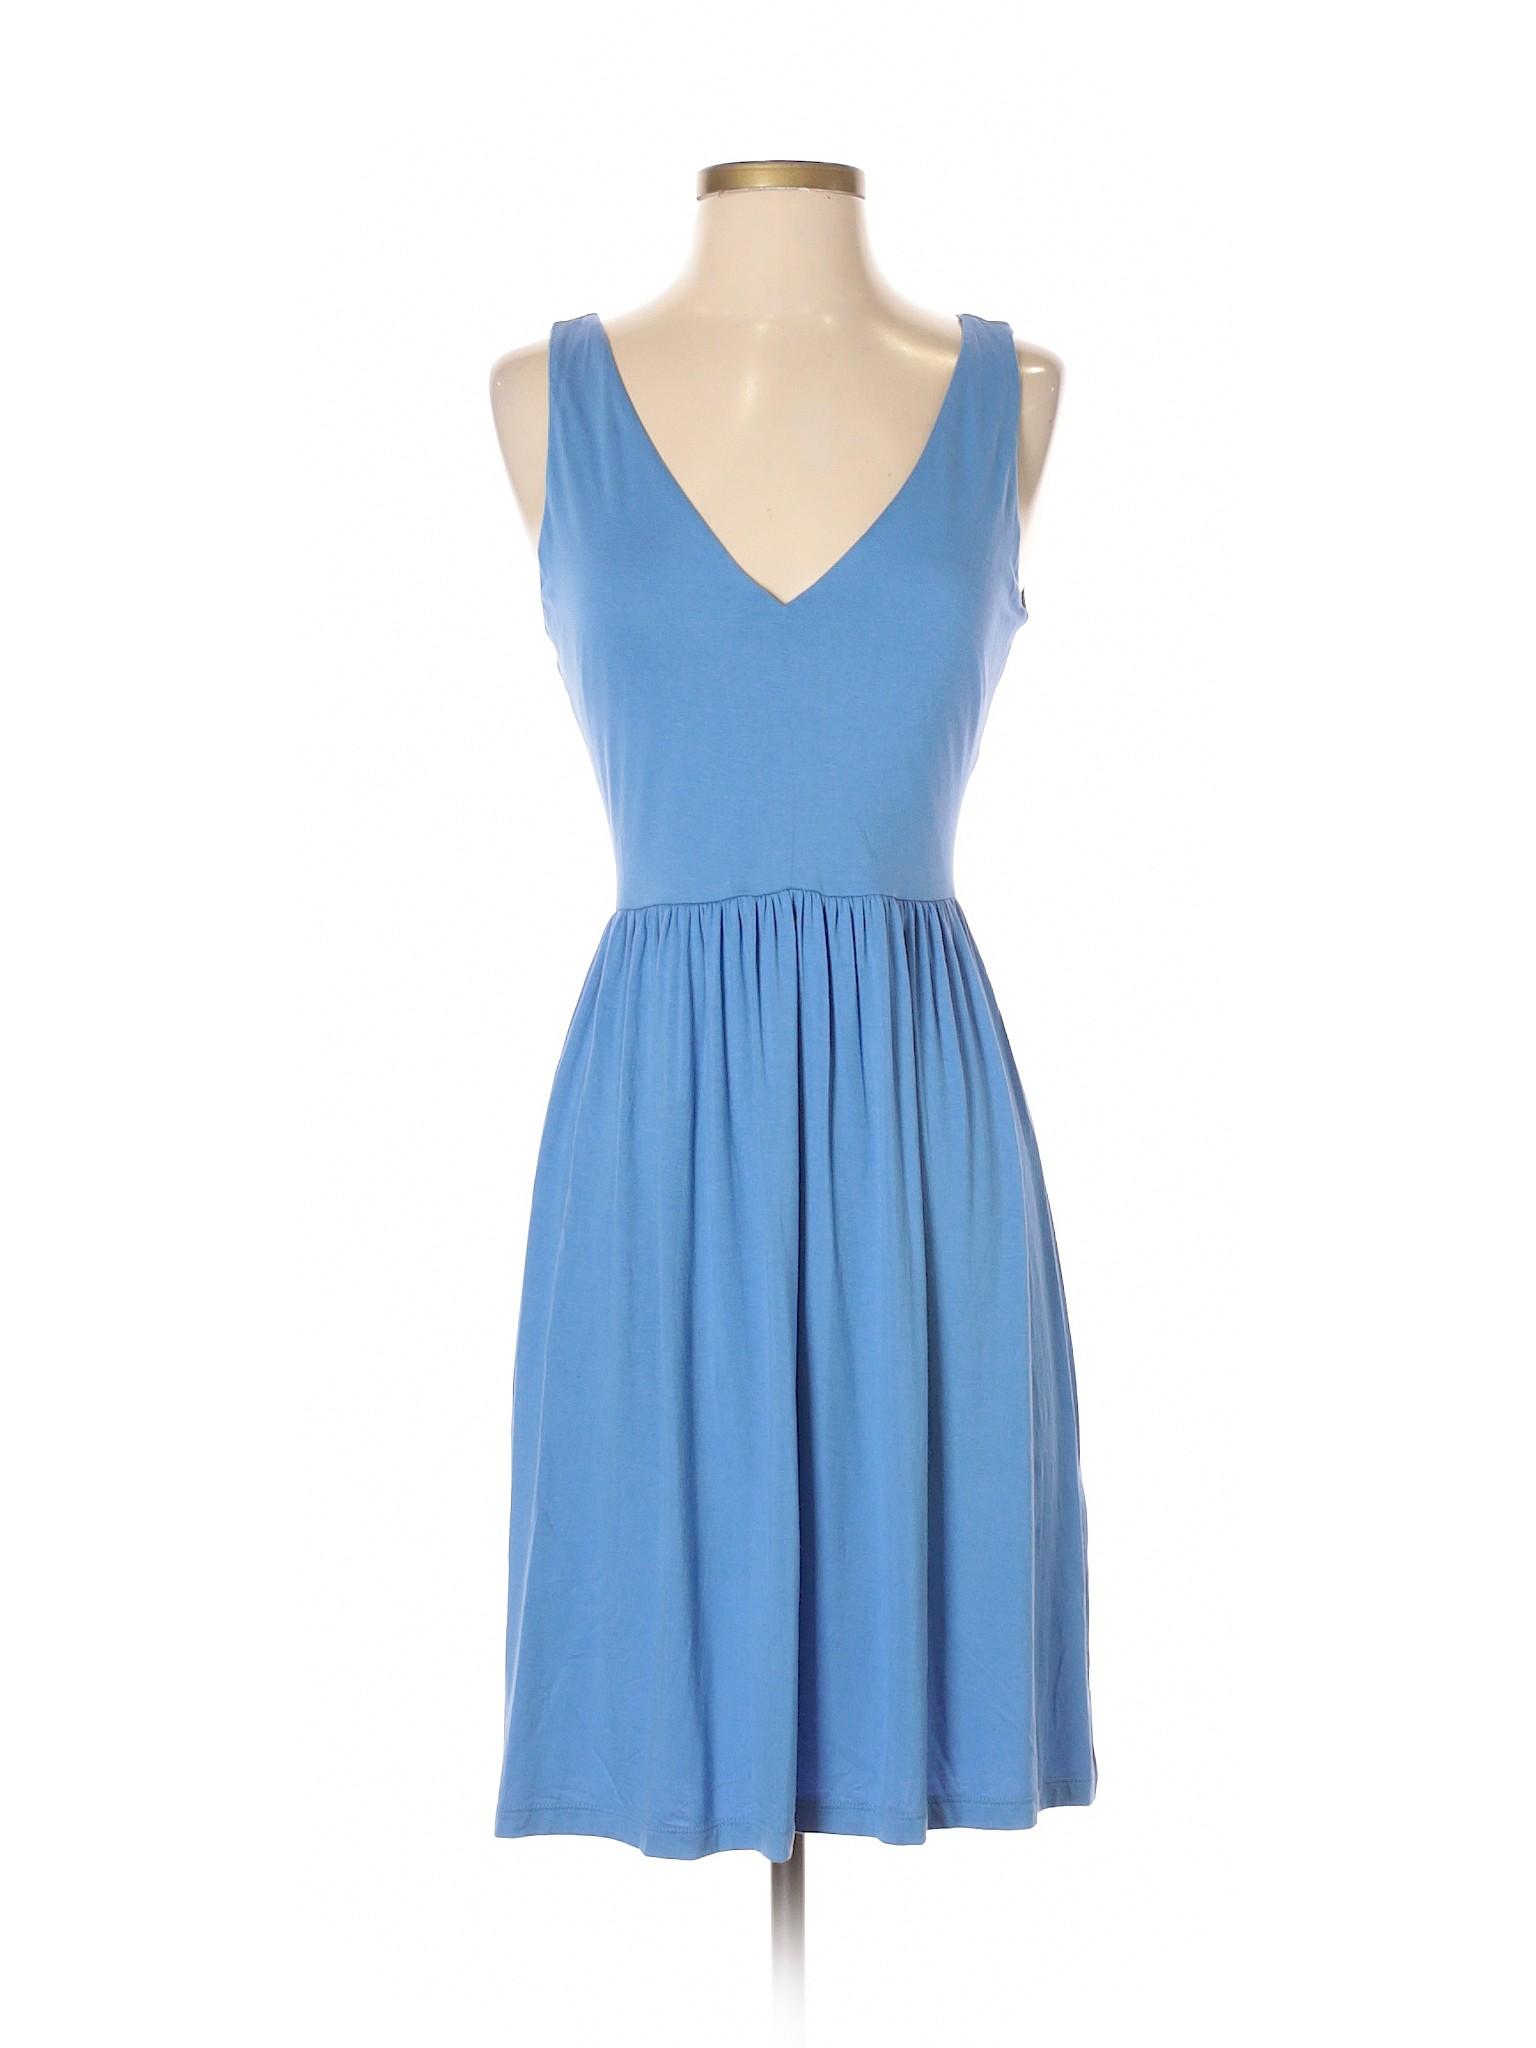 Dress winter Taylor Casual Ann LOFT Boutique 6PSXwqCX